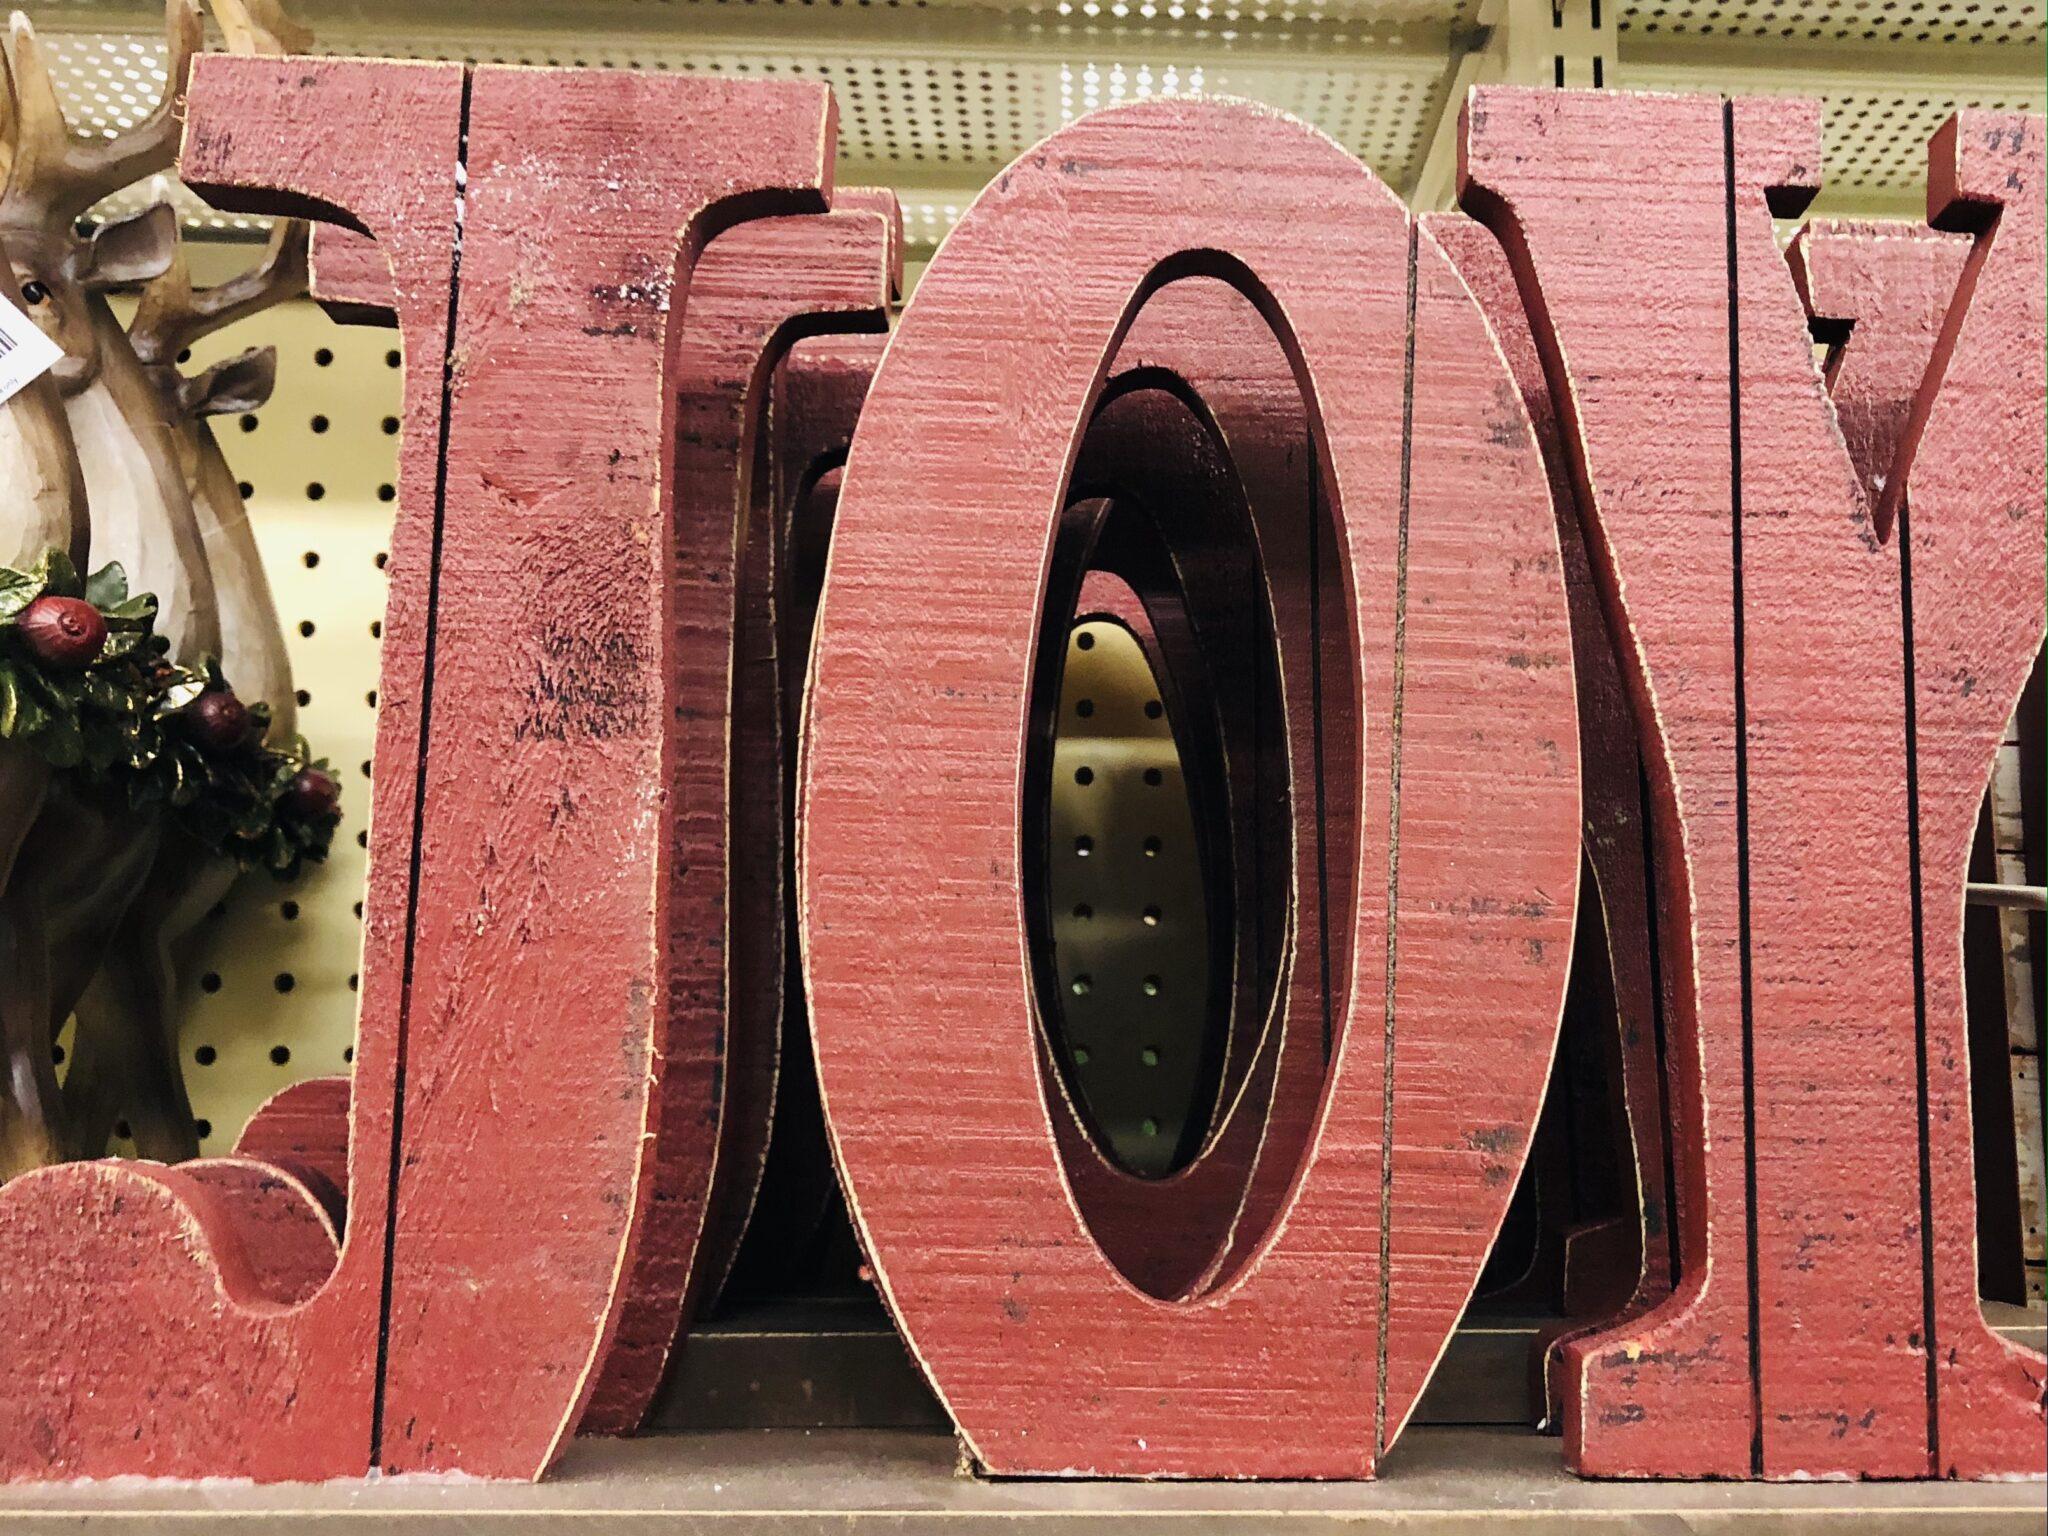 Kirkland S Christmas Decor On Over 50 Feeling 40 Over 50 Feeling 40